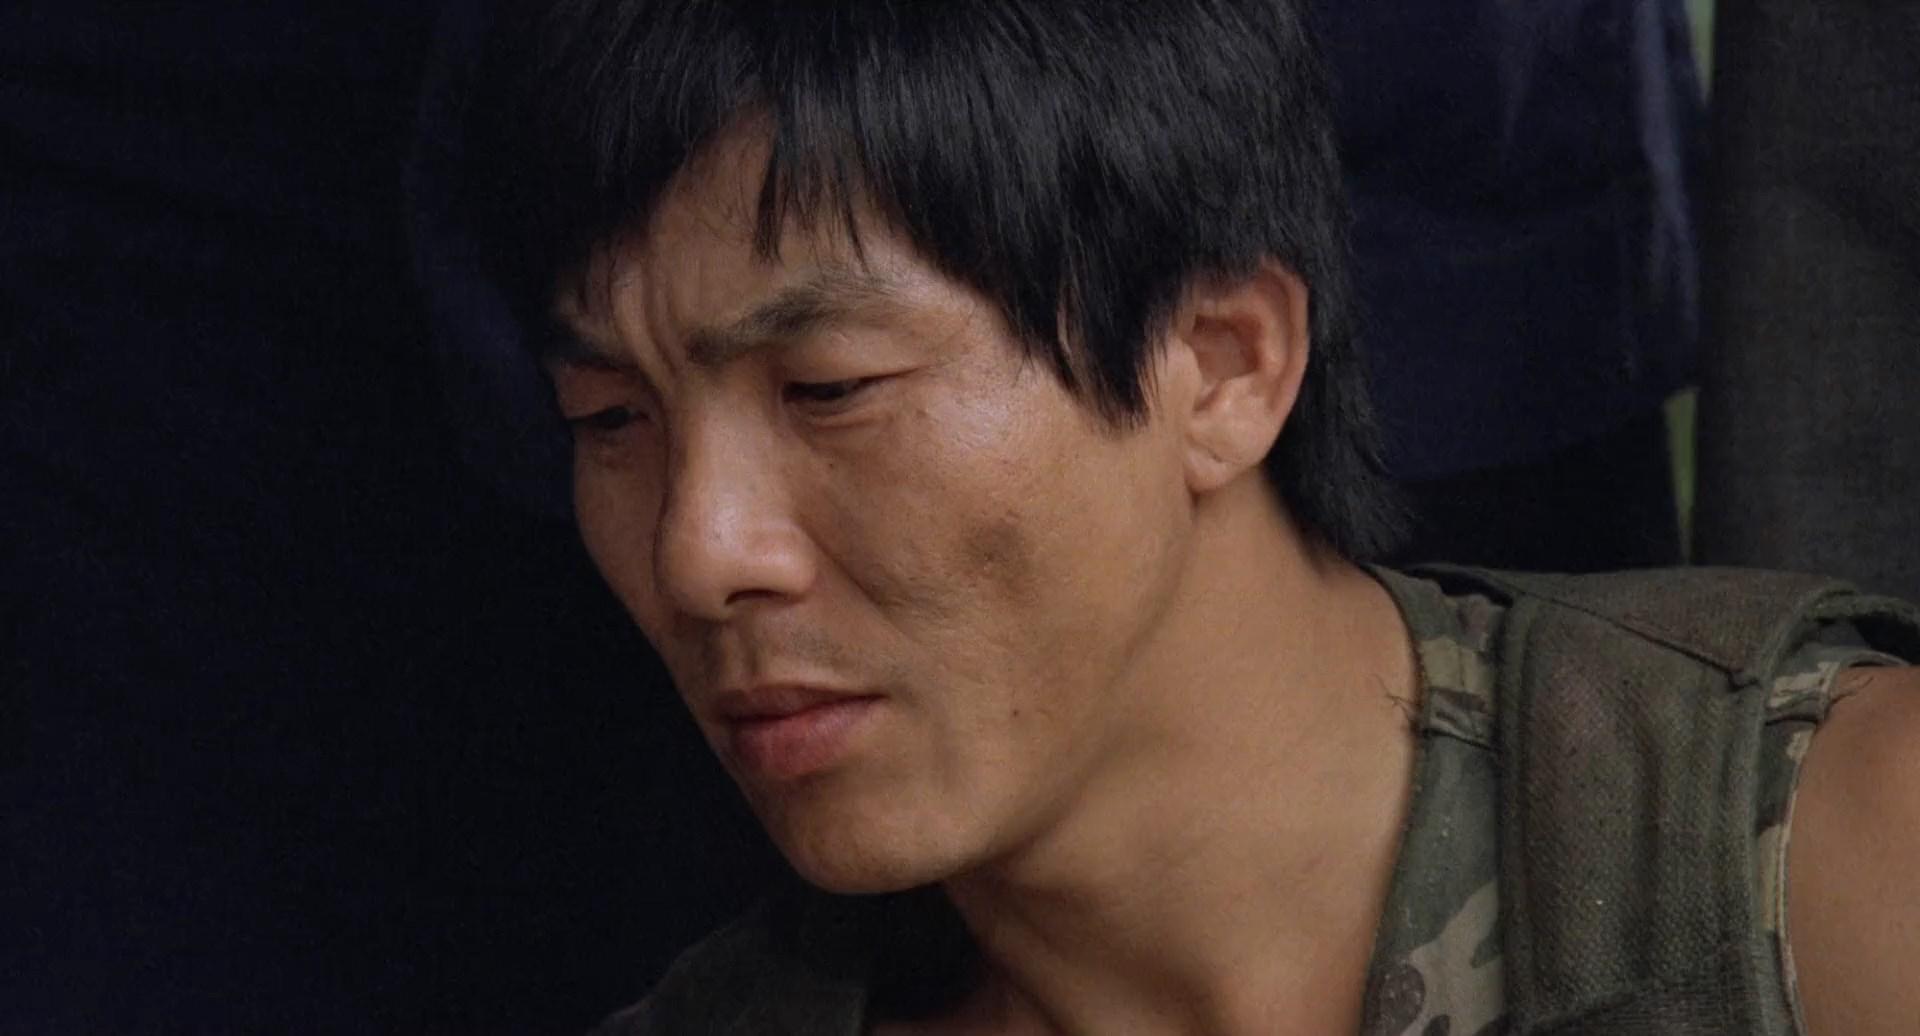 Ying xiong wu lei / Heroes Shed No Tears (1986)